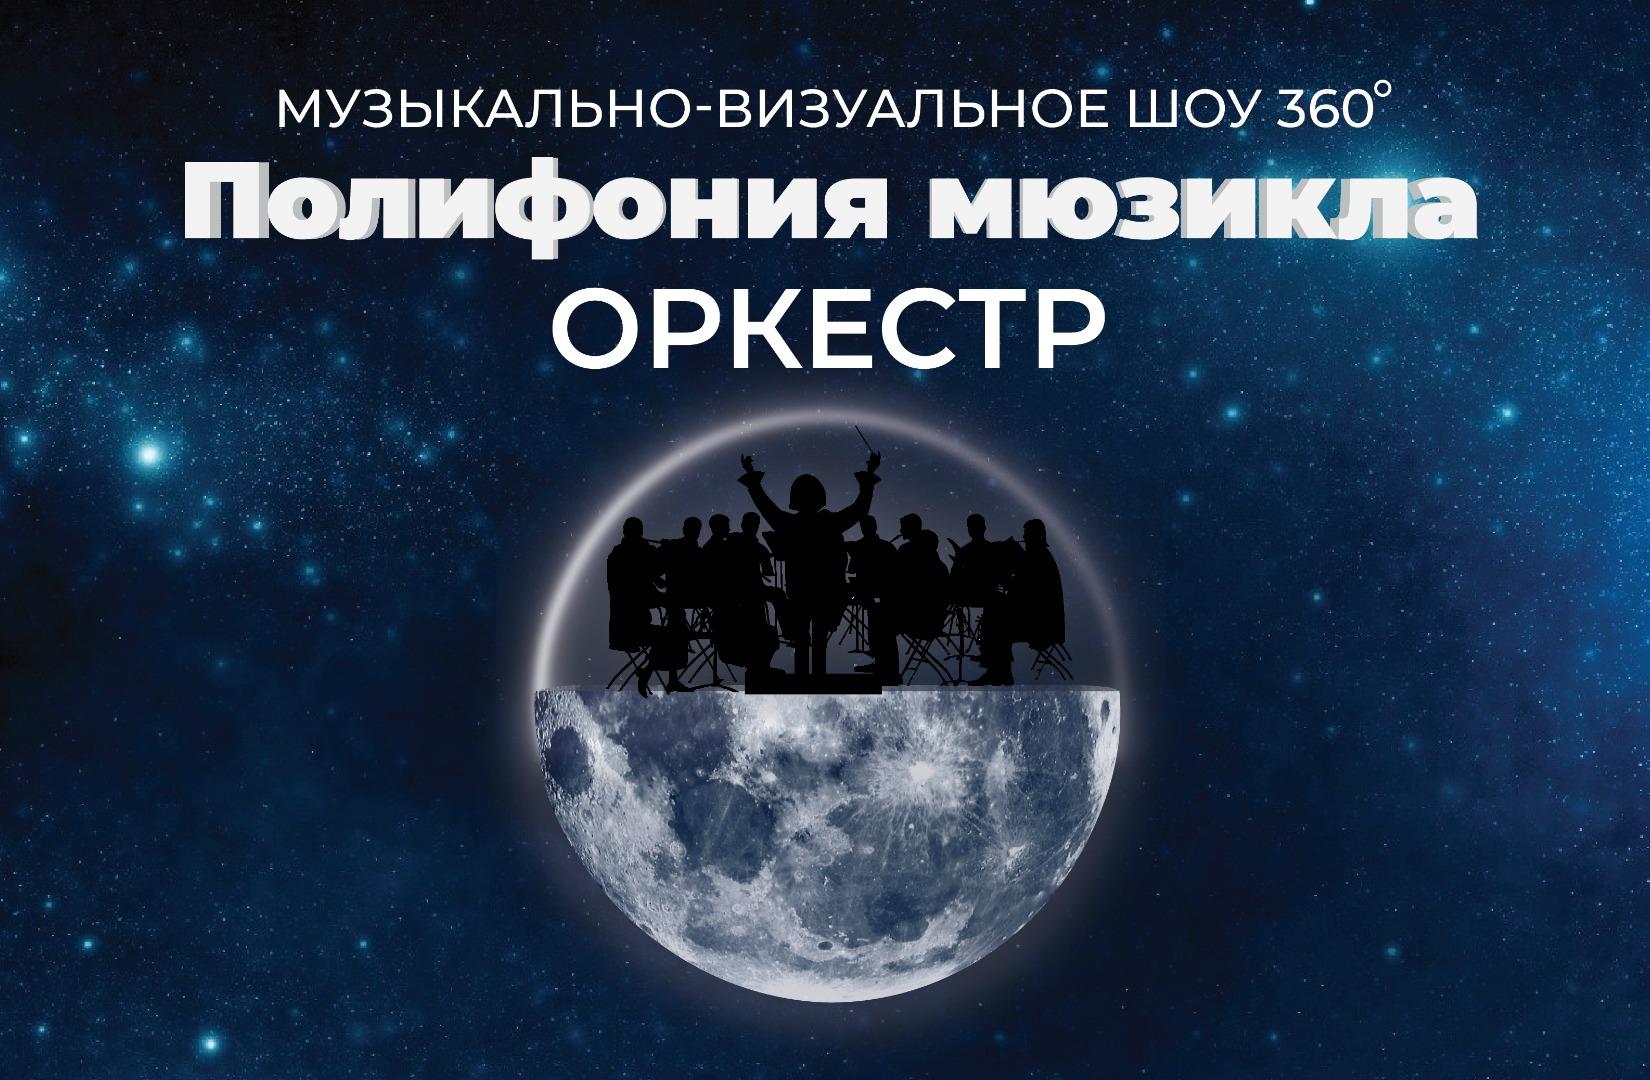 Мультимедийное шоу 360° «Полифония мюзикла: ОРКЕСТР», фото